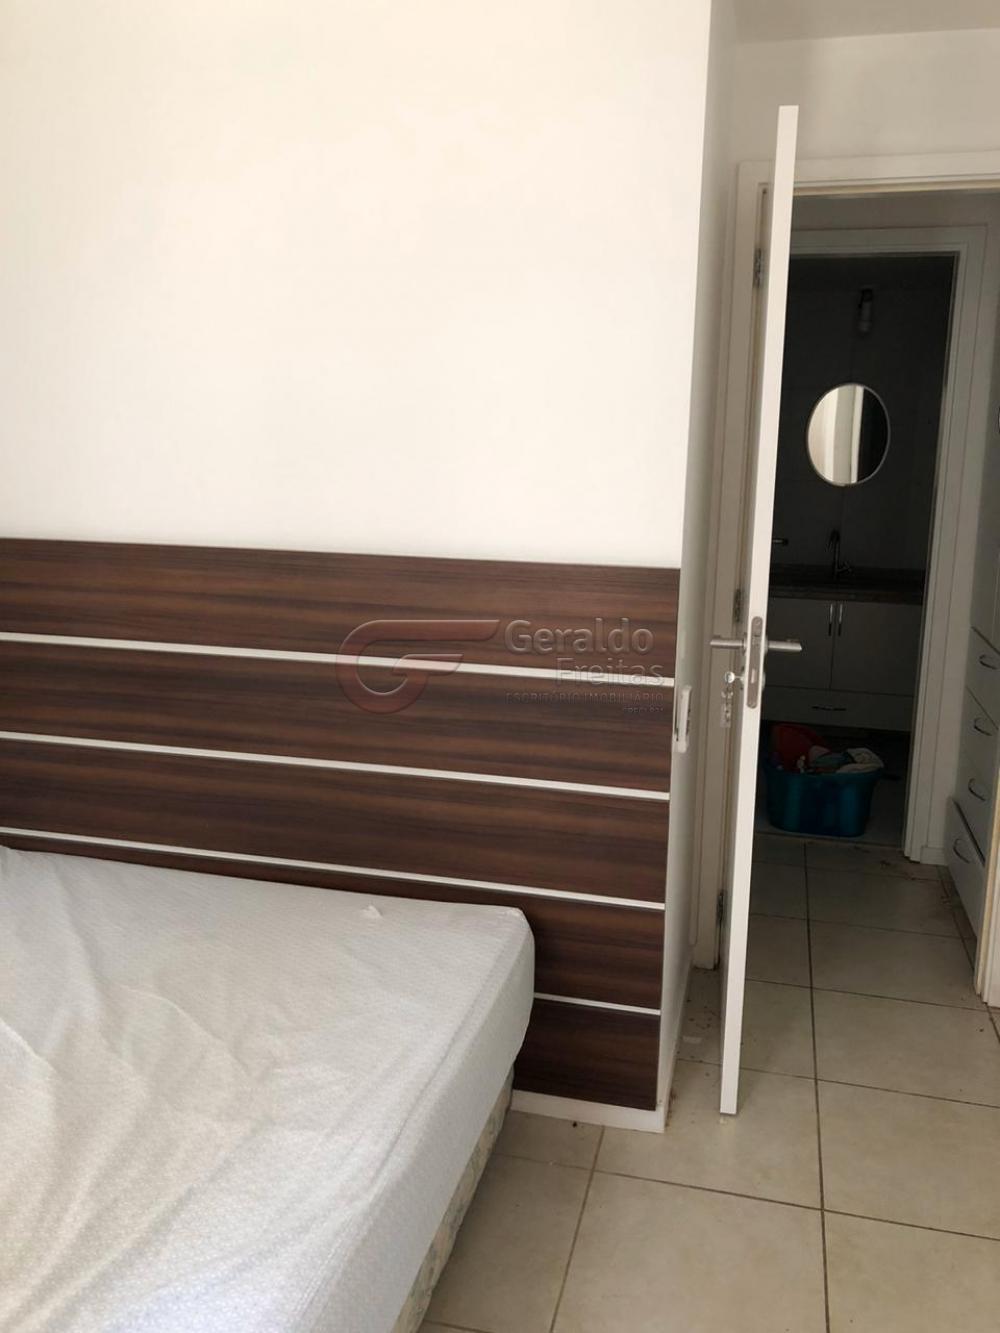 Comprar Apartamentos / Quarto Sala em Maceió apenas R$ 270.000,00 - Foto 6